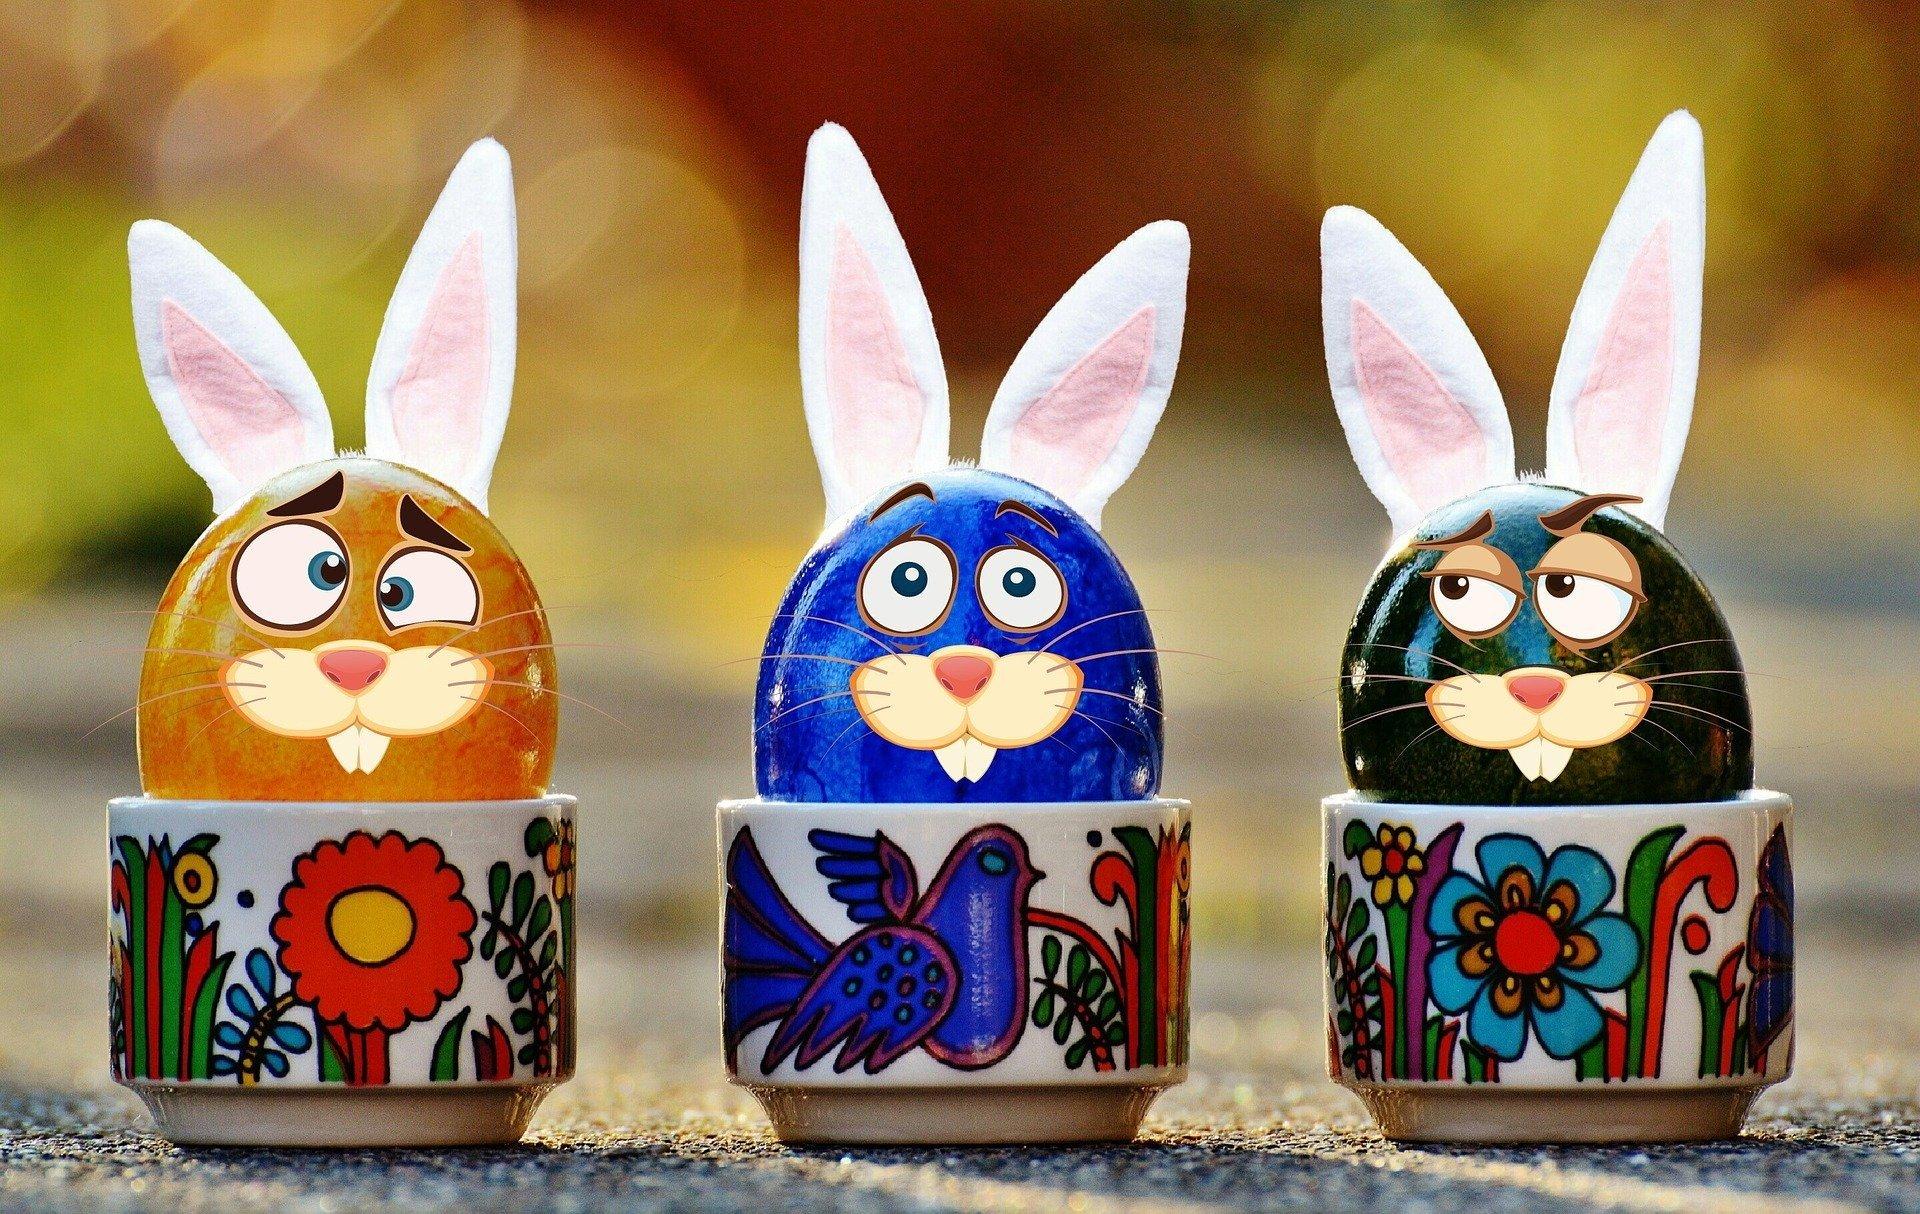 Wielkanoc zagadki śmieszne dla dzieci